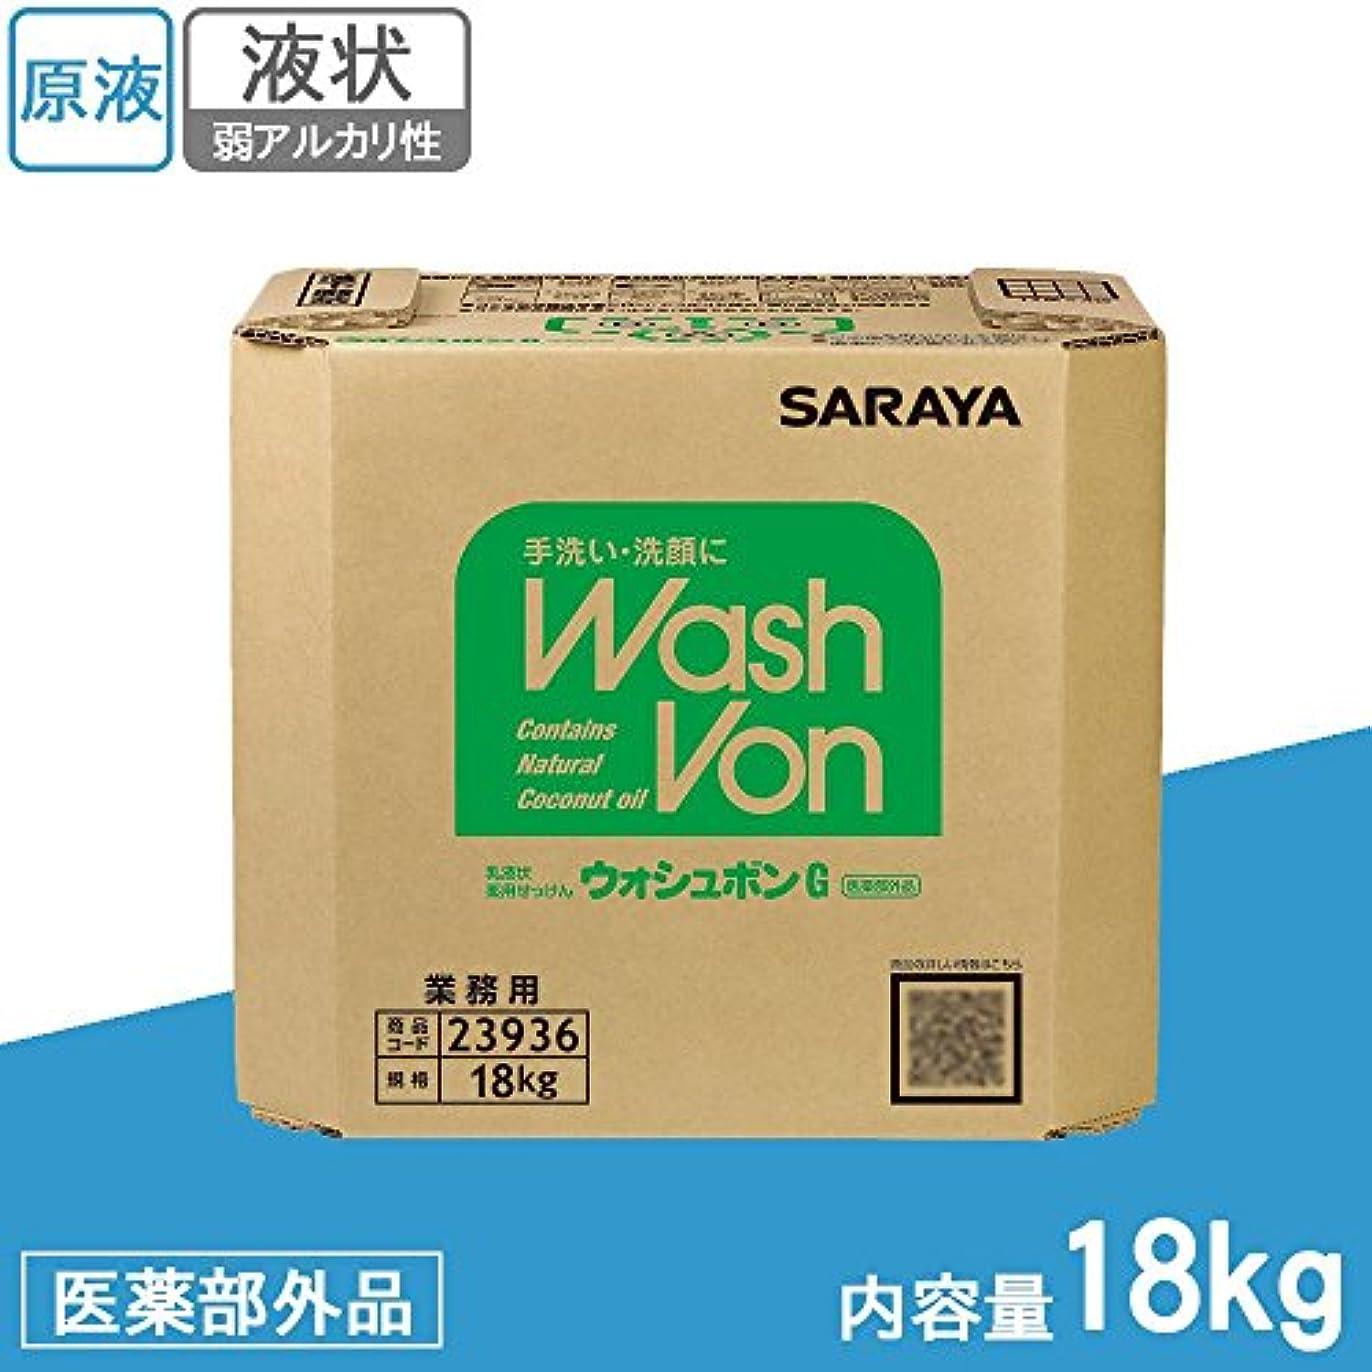 サラヤ 業務用 乳液状薬用せっけん ウォシュボンG 18kg BIB 23936 (医薬部外品)